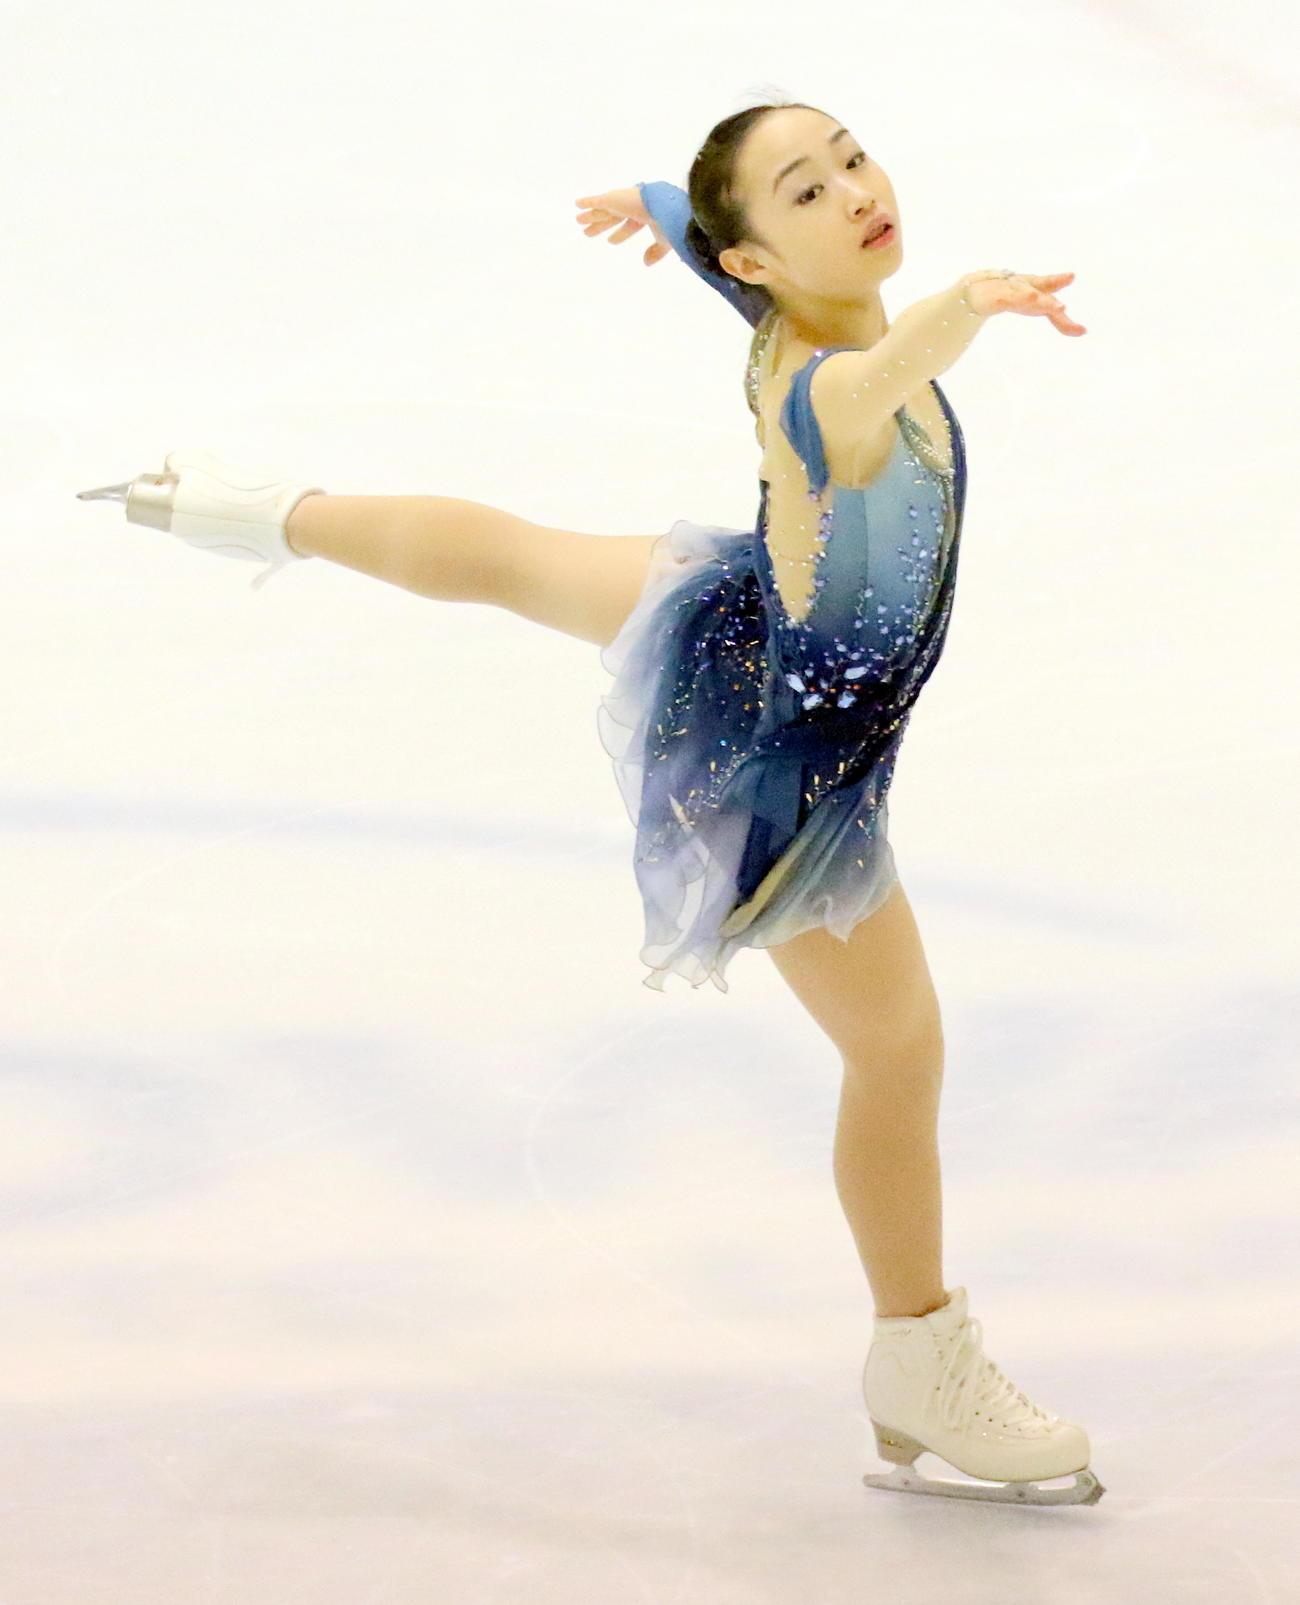 フィギュアスケート中部選手権で、シニア転向1年目で初優勝した松生理乃(撮影・木下淳)